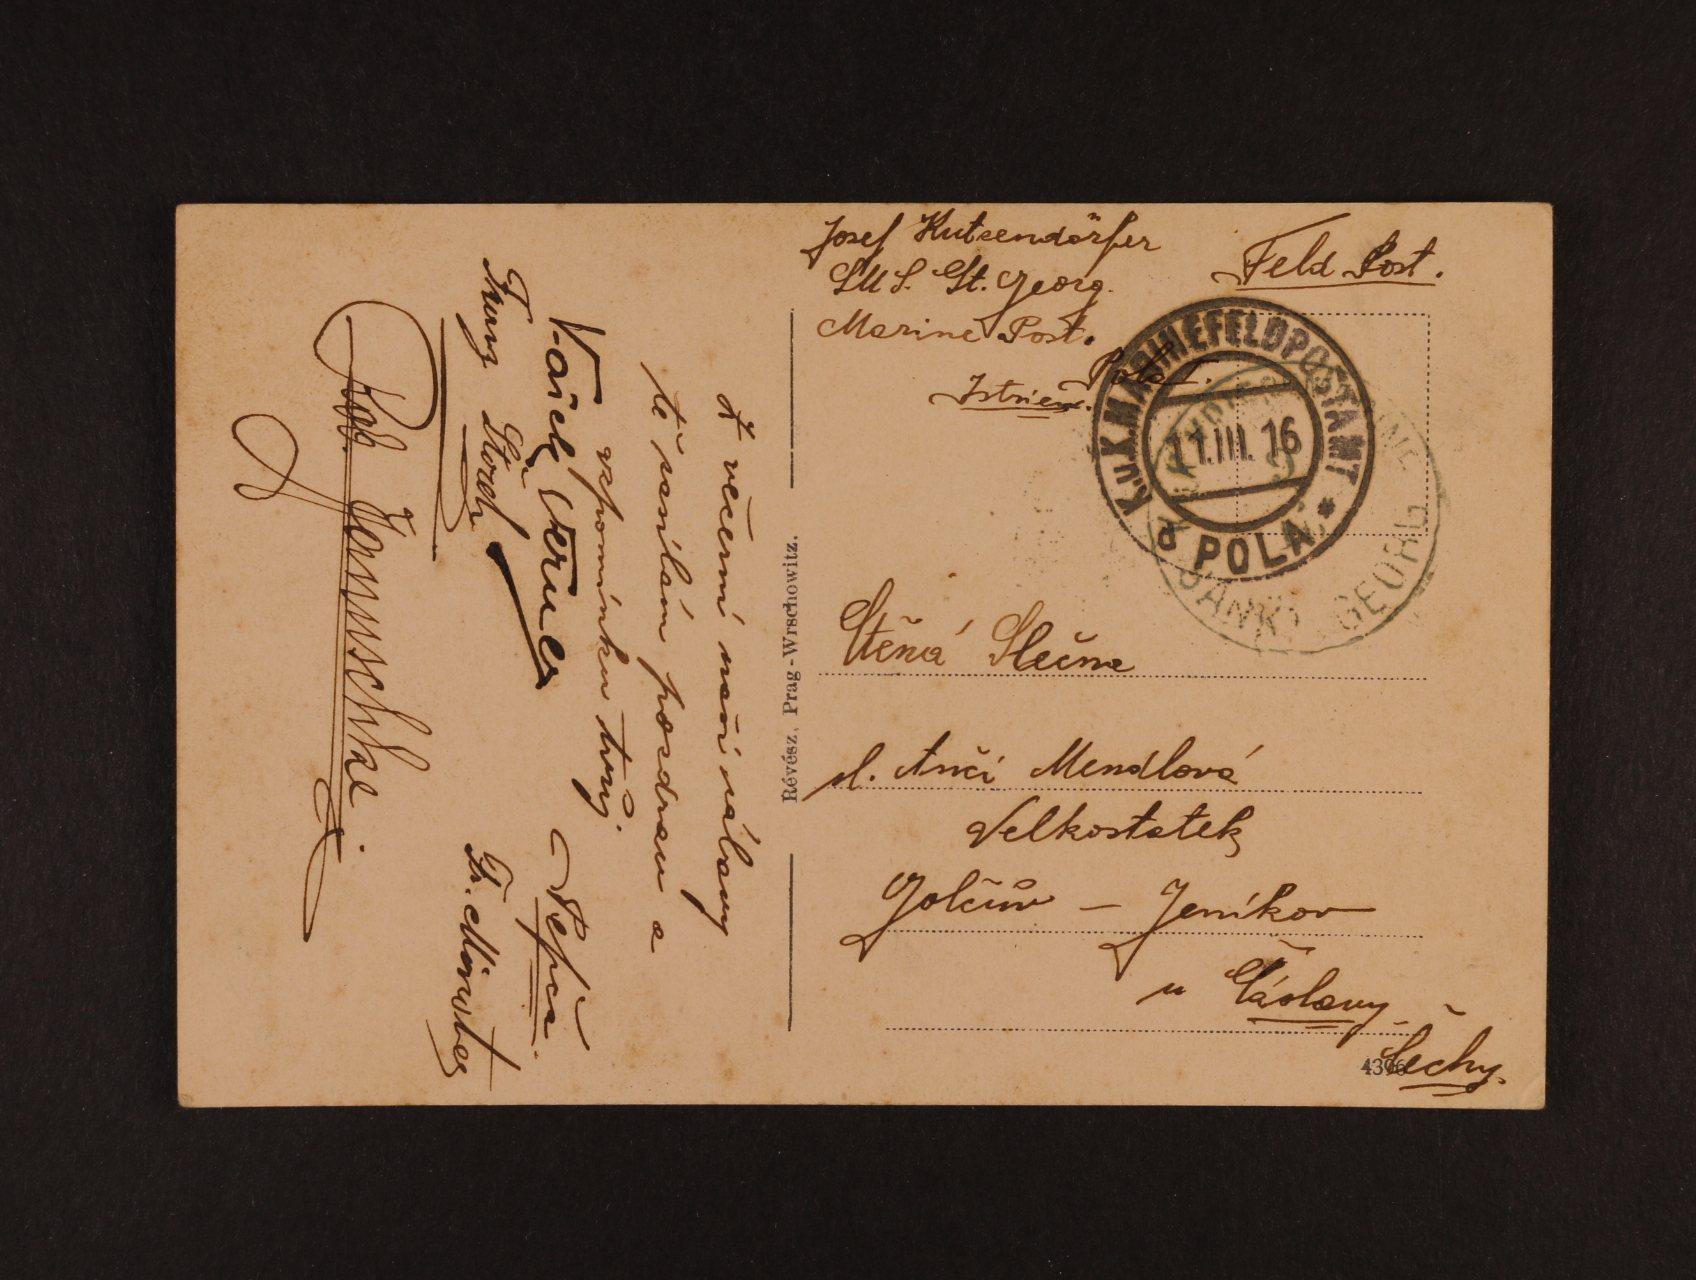 bar. pohlednice do Čech s pod. raz. K.u.K. MFPA POLA 11.3.16 + lodní raz. K.u.K. KRIEGSMARINE SANKT GEORG